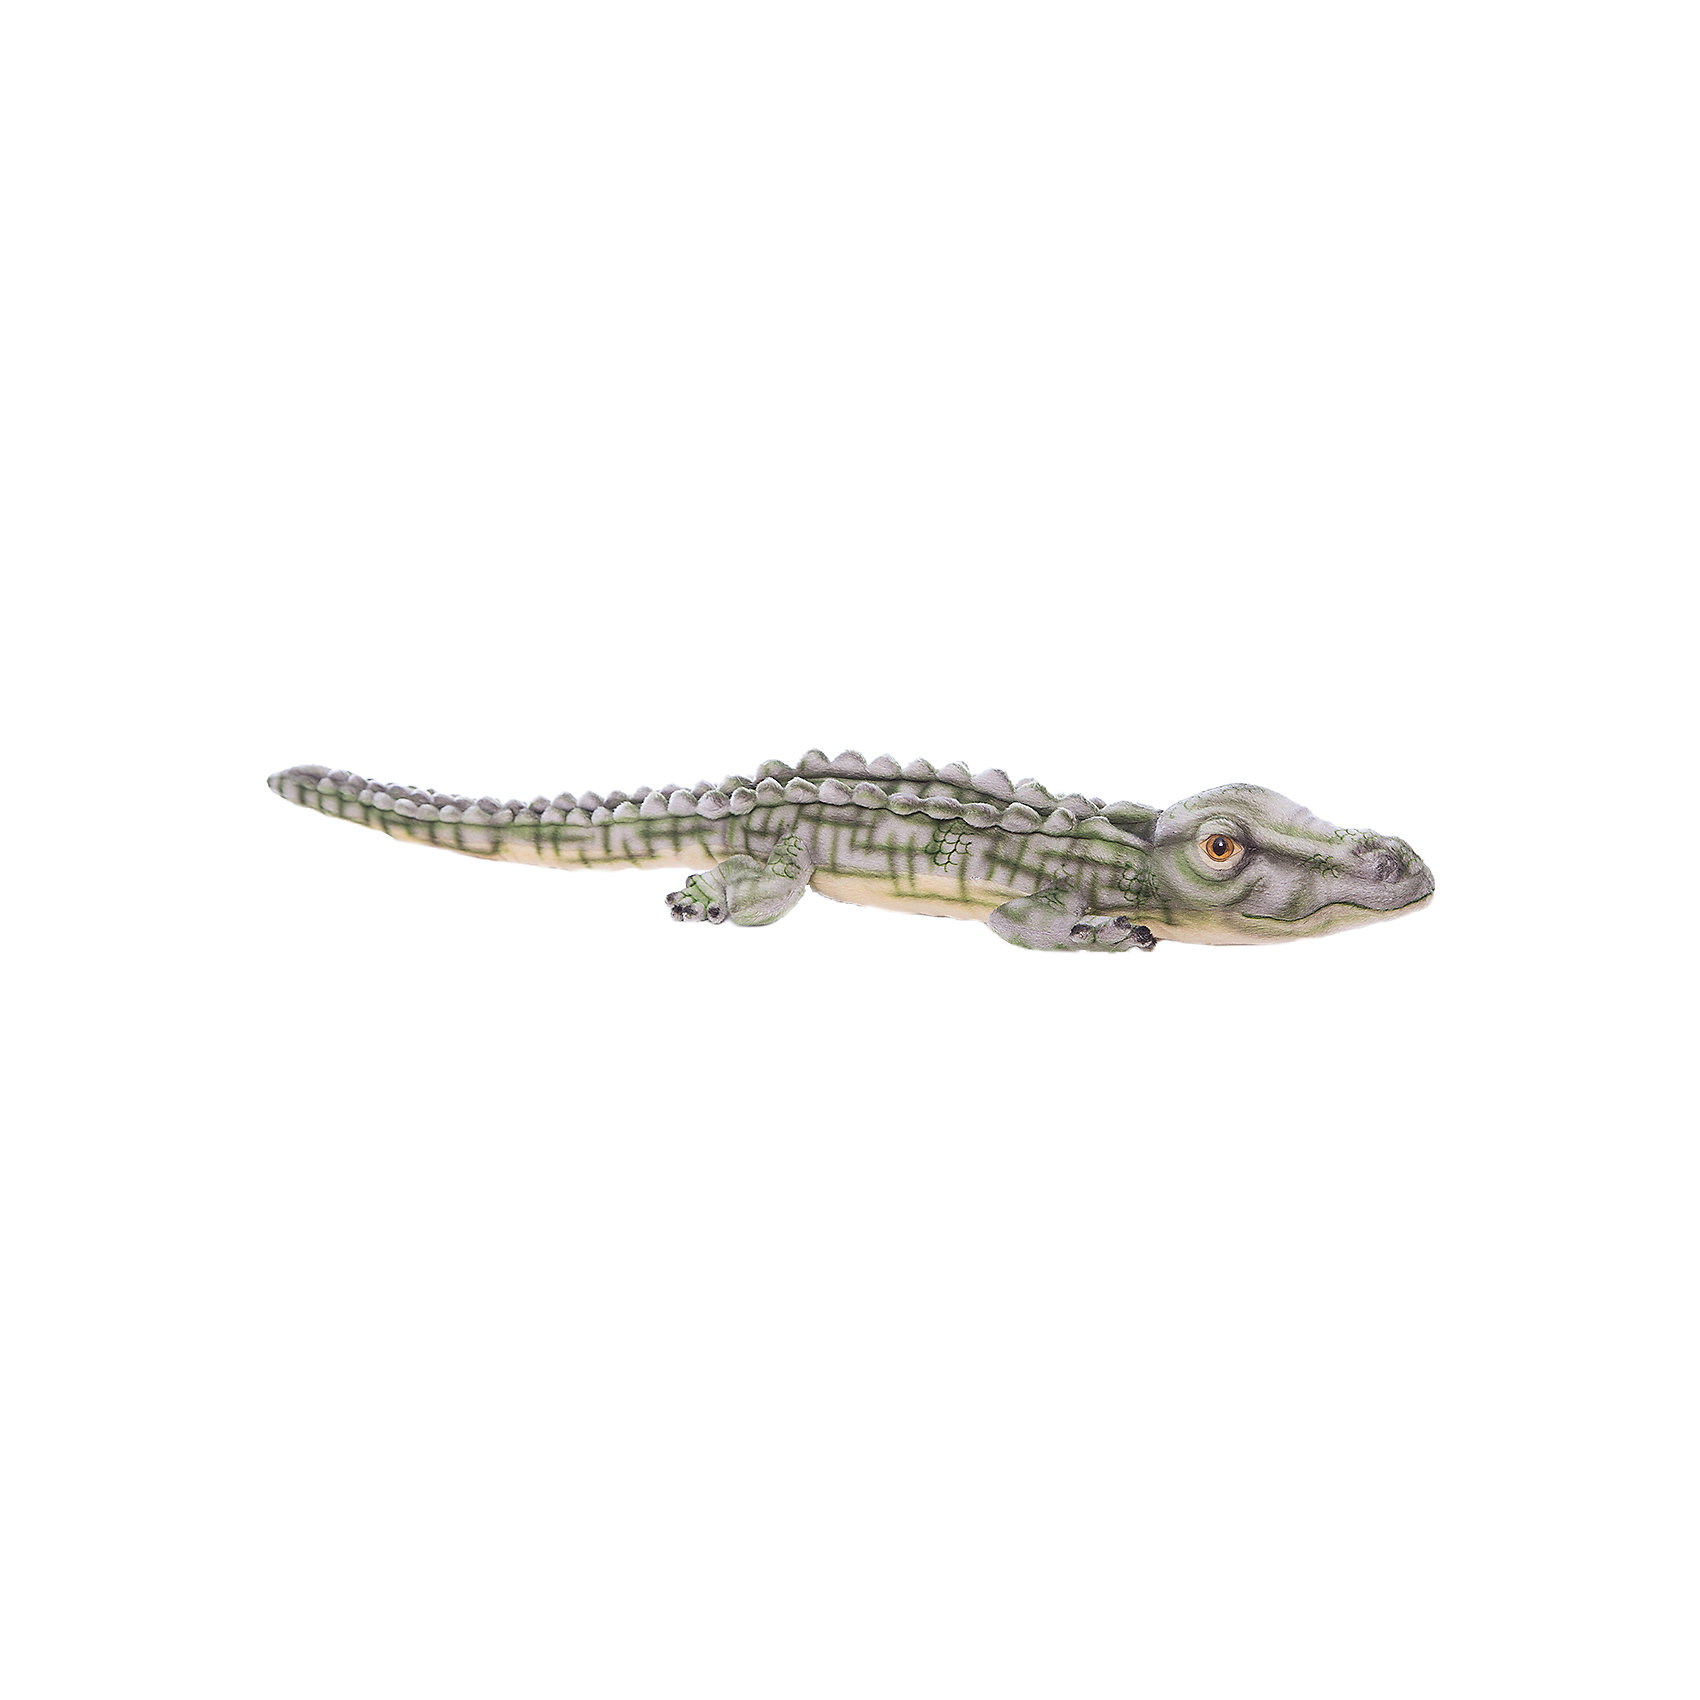 Крокодил гребнистый (морской), 70 смКрокодил гребнистый (морской), 70 см – игрушка от знаменитого бренда Hansa, специализирующегося на выпуске мягких игрушек с высокой степенью натуралистичности. Внешний вид игрушки полностью соответствует своему реальному прототипу – морскому крокодилу. Он выполнен из искусственного меха с коротким ворсом, окрашенного с учетом особенностей облика этого хищника. Использованные материалы обладают гипоаллергенными свойствами. Внутри игрушки имеется металлический каркас, позволяющий изменять положение. <br>Игрушка относится к серии Дикие животные. <br>Мягкие игрушки от Hansa подходят для сюжетно-ролевых игр, для обучающих игр, направленных на знакомство с животным миром дикой природы. Кроме того, их можно использовать в качестве интерьерных игрушек. Коллекция из нескольких игрушек позволяет создать свой домашний зоопарк, который будет радовать вашего ребенка долгое время, так как ручная работа и качественные материалы гарантируют их долговечность и прочность.<br><br>Дополнительная информация:<br><br>- Вид игр: сюжетно-ролевые игры, коллекционирование, интерьерные игрушки<br>- Предназначение: для дома, для детских развивающих центров, для детских садов<br>- Материал: искусственный мех, наполнитель ? полиэфирное волокно<br>- Размер (ДхШхВ): 9*15*70 см<br>- Вес: 360 г<br>- Особенности ухода: сухая чистка при помощи пылесоса или щетки для одежды<br><br>Подробнее:<br><br>• Для детей в возрасте: от 3 лет <br>• Страна производитель: Филиппины<br>• Торговый бренд: Hansa<br><br>Крокодила гребнистого (морского), 70 см можно купить в нашем интернет-магазине.<br><br>Ширина мм: 9<br>Глубина мм: 15<br>Высота мм: 70<br>Вес г: 360<br>Возраст от месяцев: 36<br>Возраст до месяцев: 2147483647<br>Пол: Унисекс<br>Возраст: Детский<br>SKU: 4927232